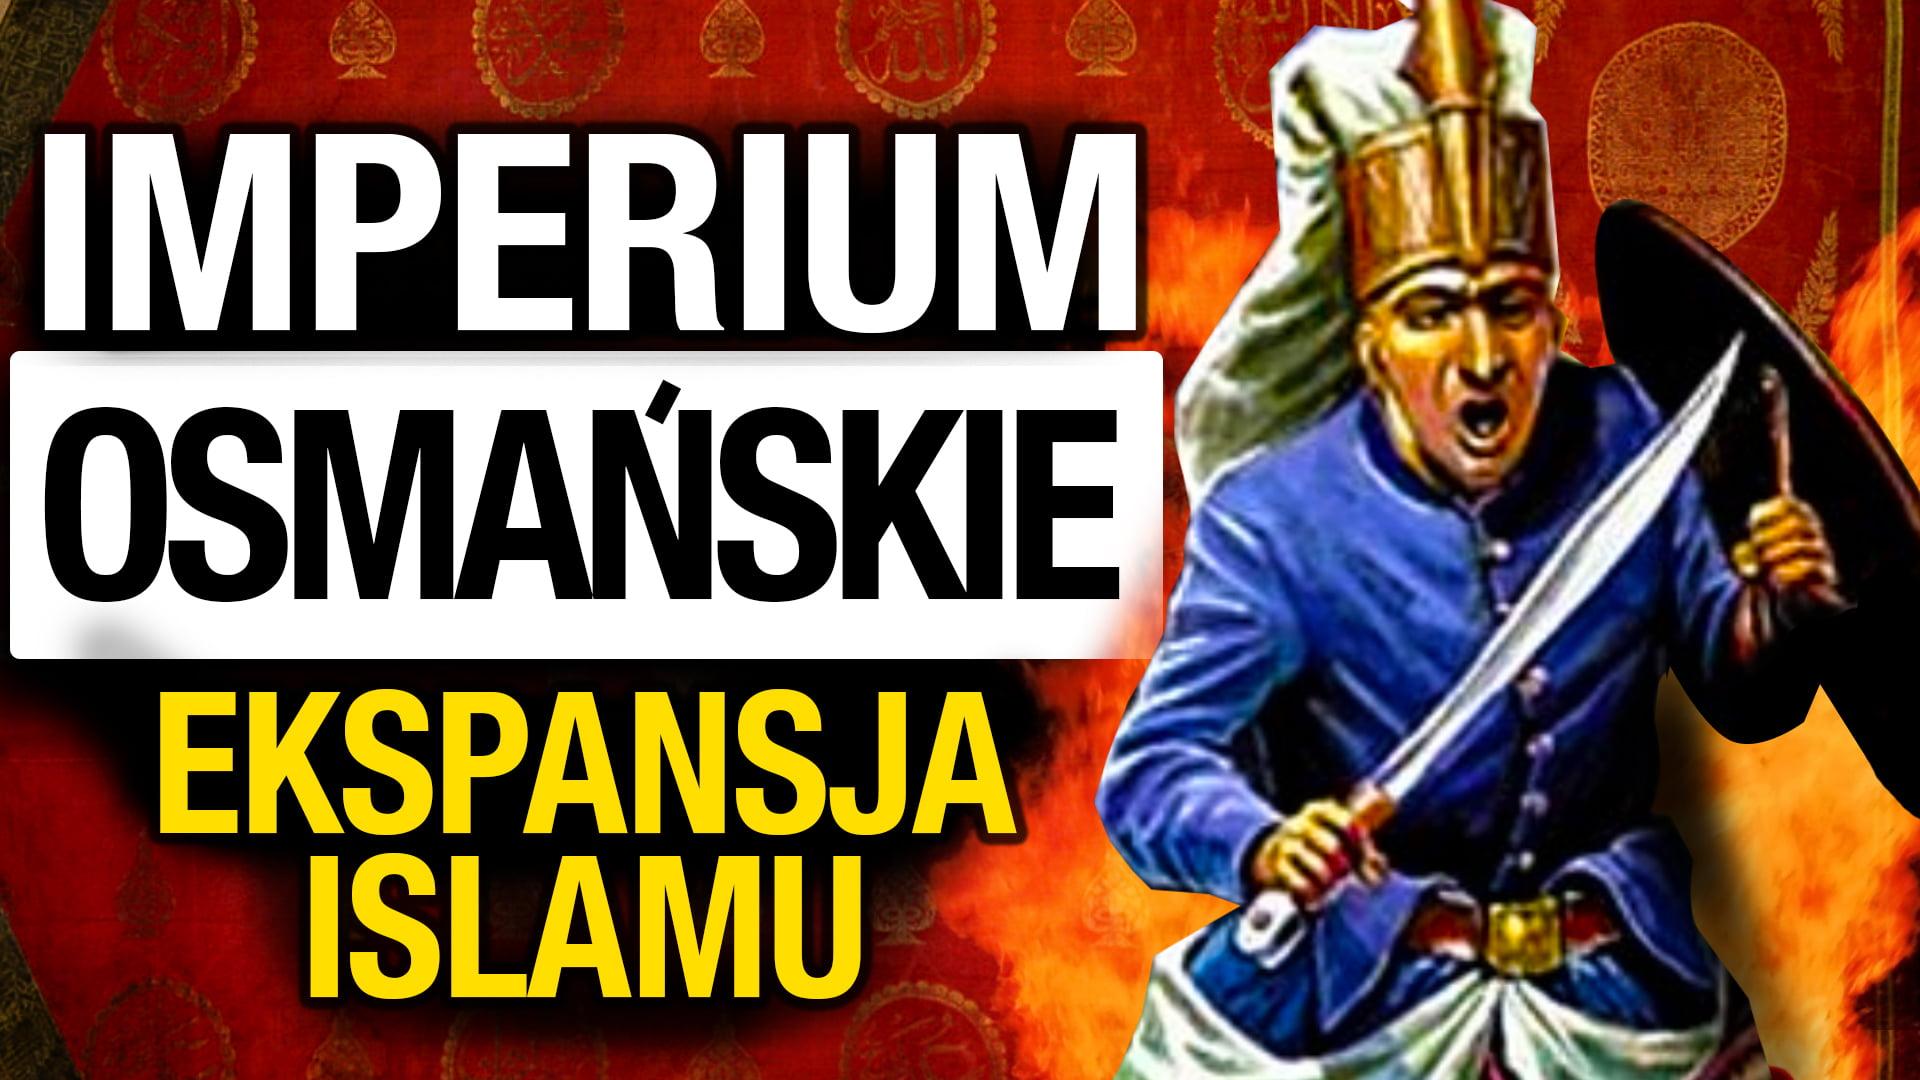 imperium osmańskie islam